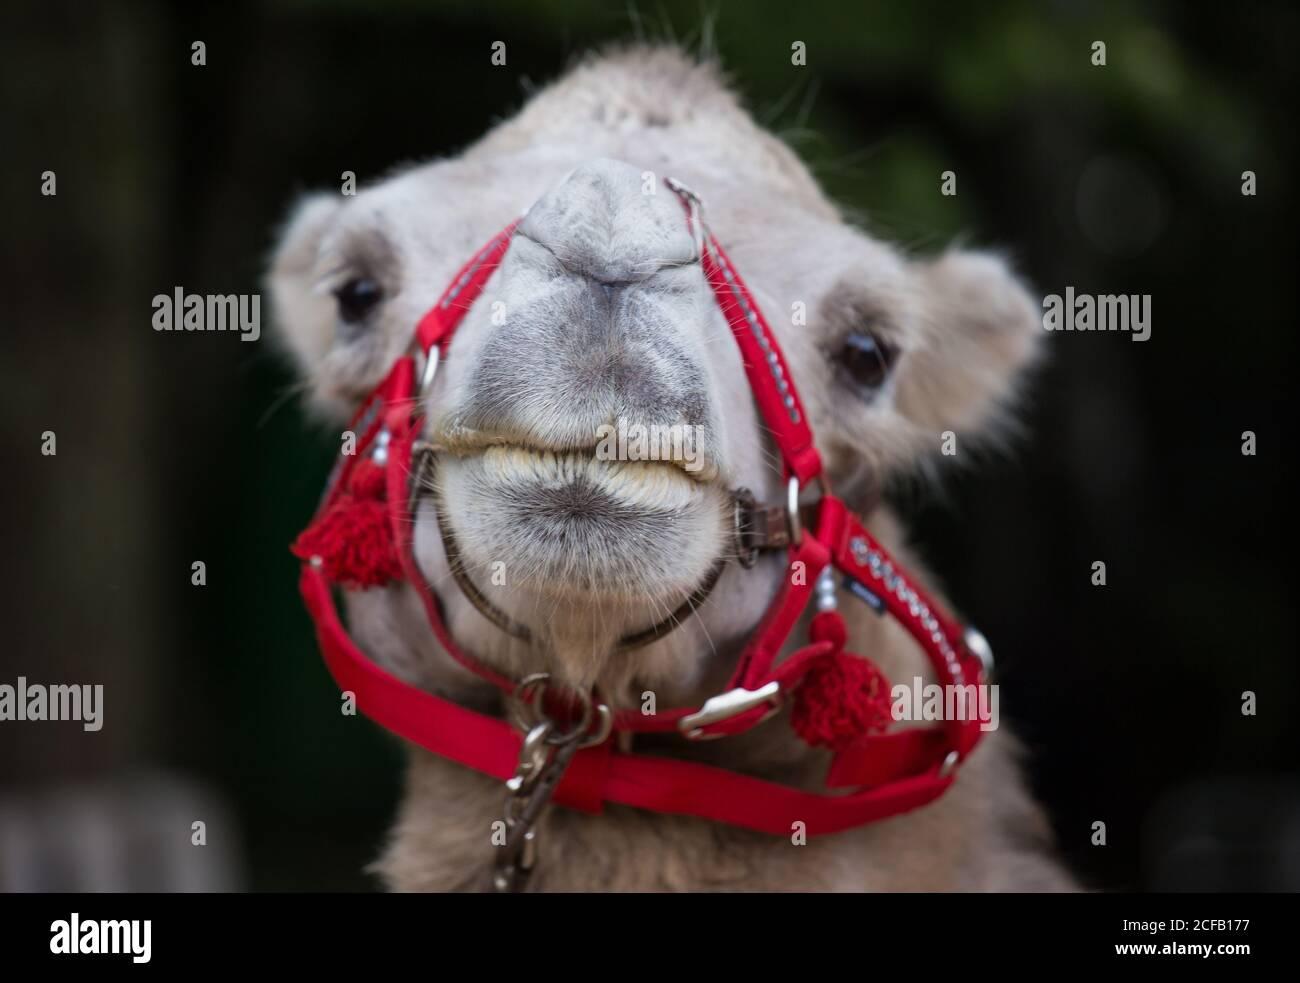 Primer retrato de camello lindo con arnés rojo mirando tu cámara Foto de stock